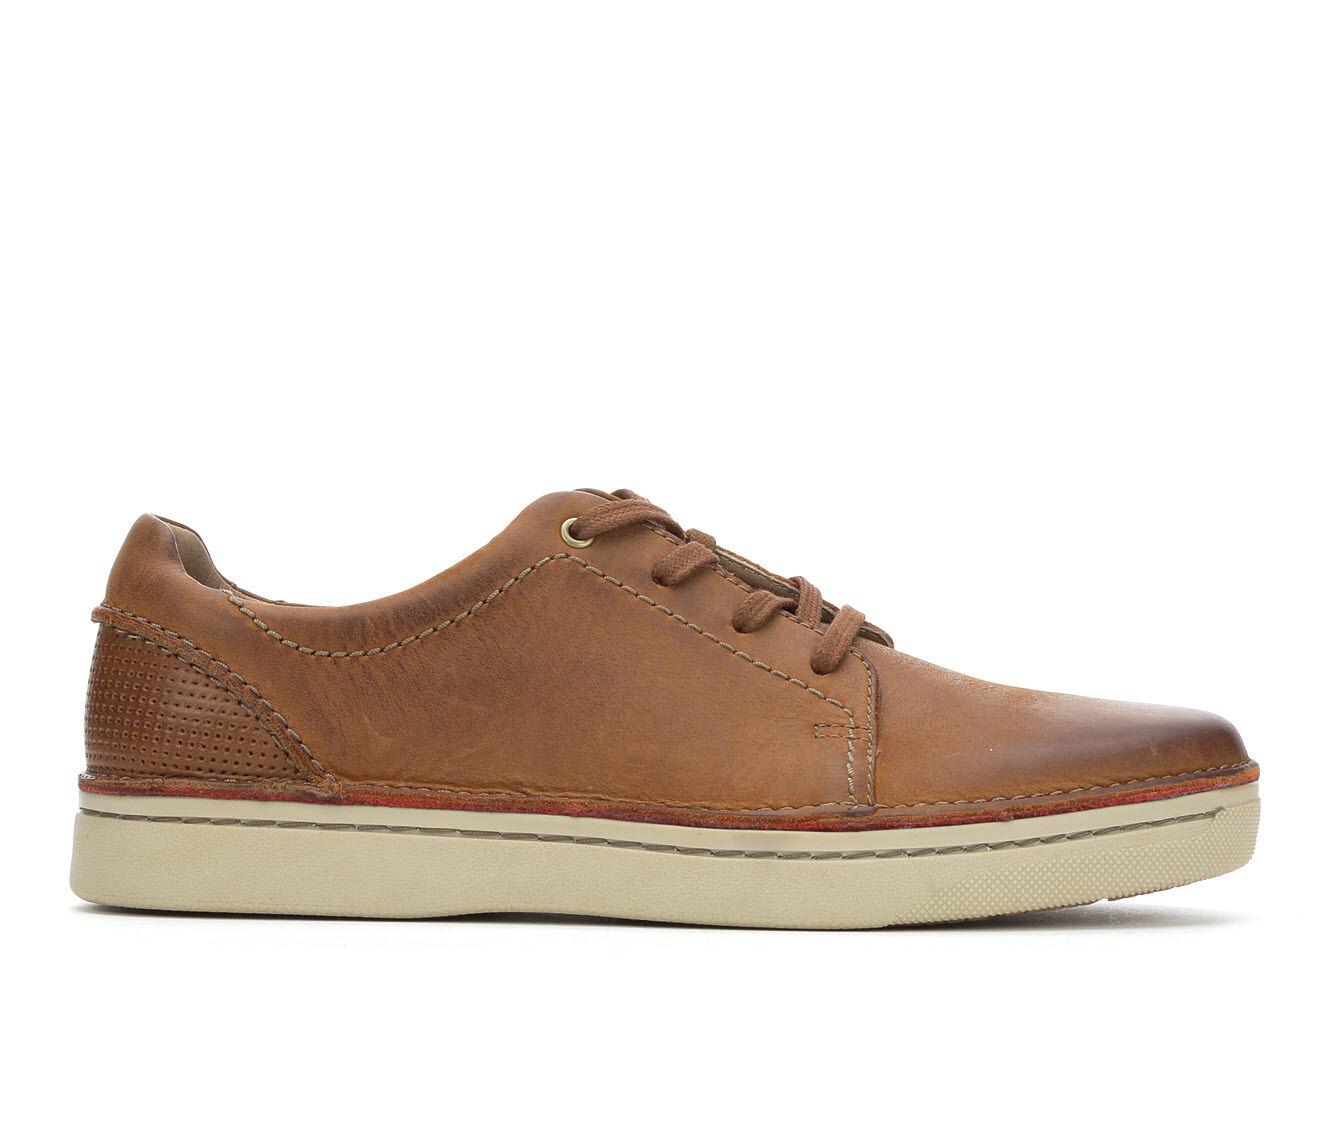 Men's Clarks Kitna Stride Sneakers Tan